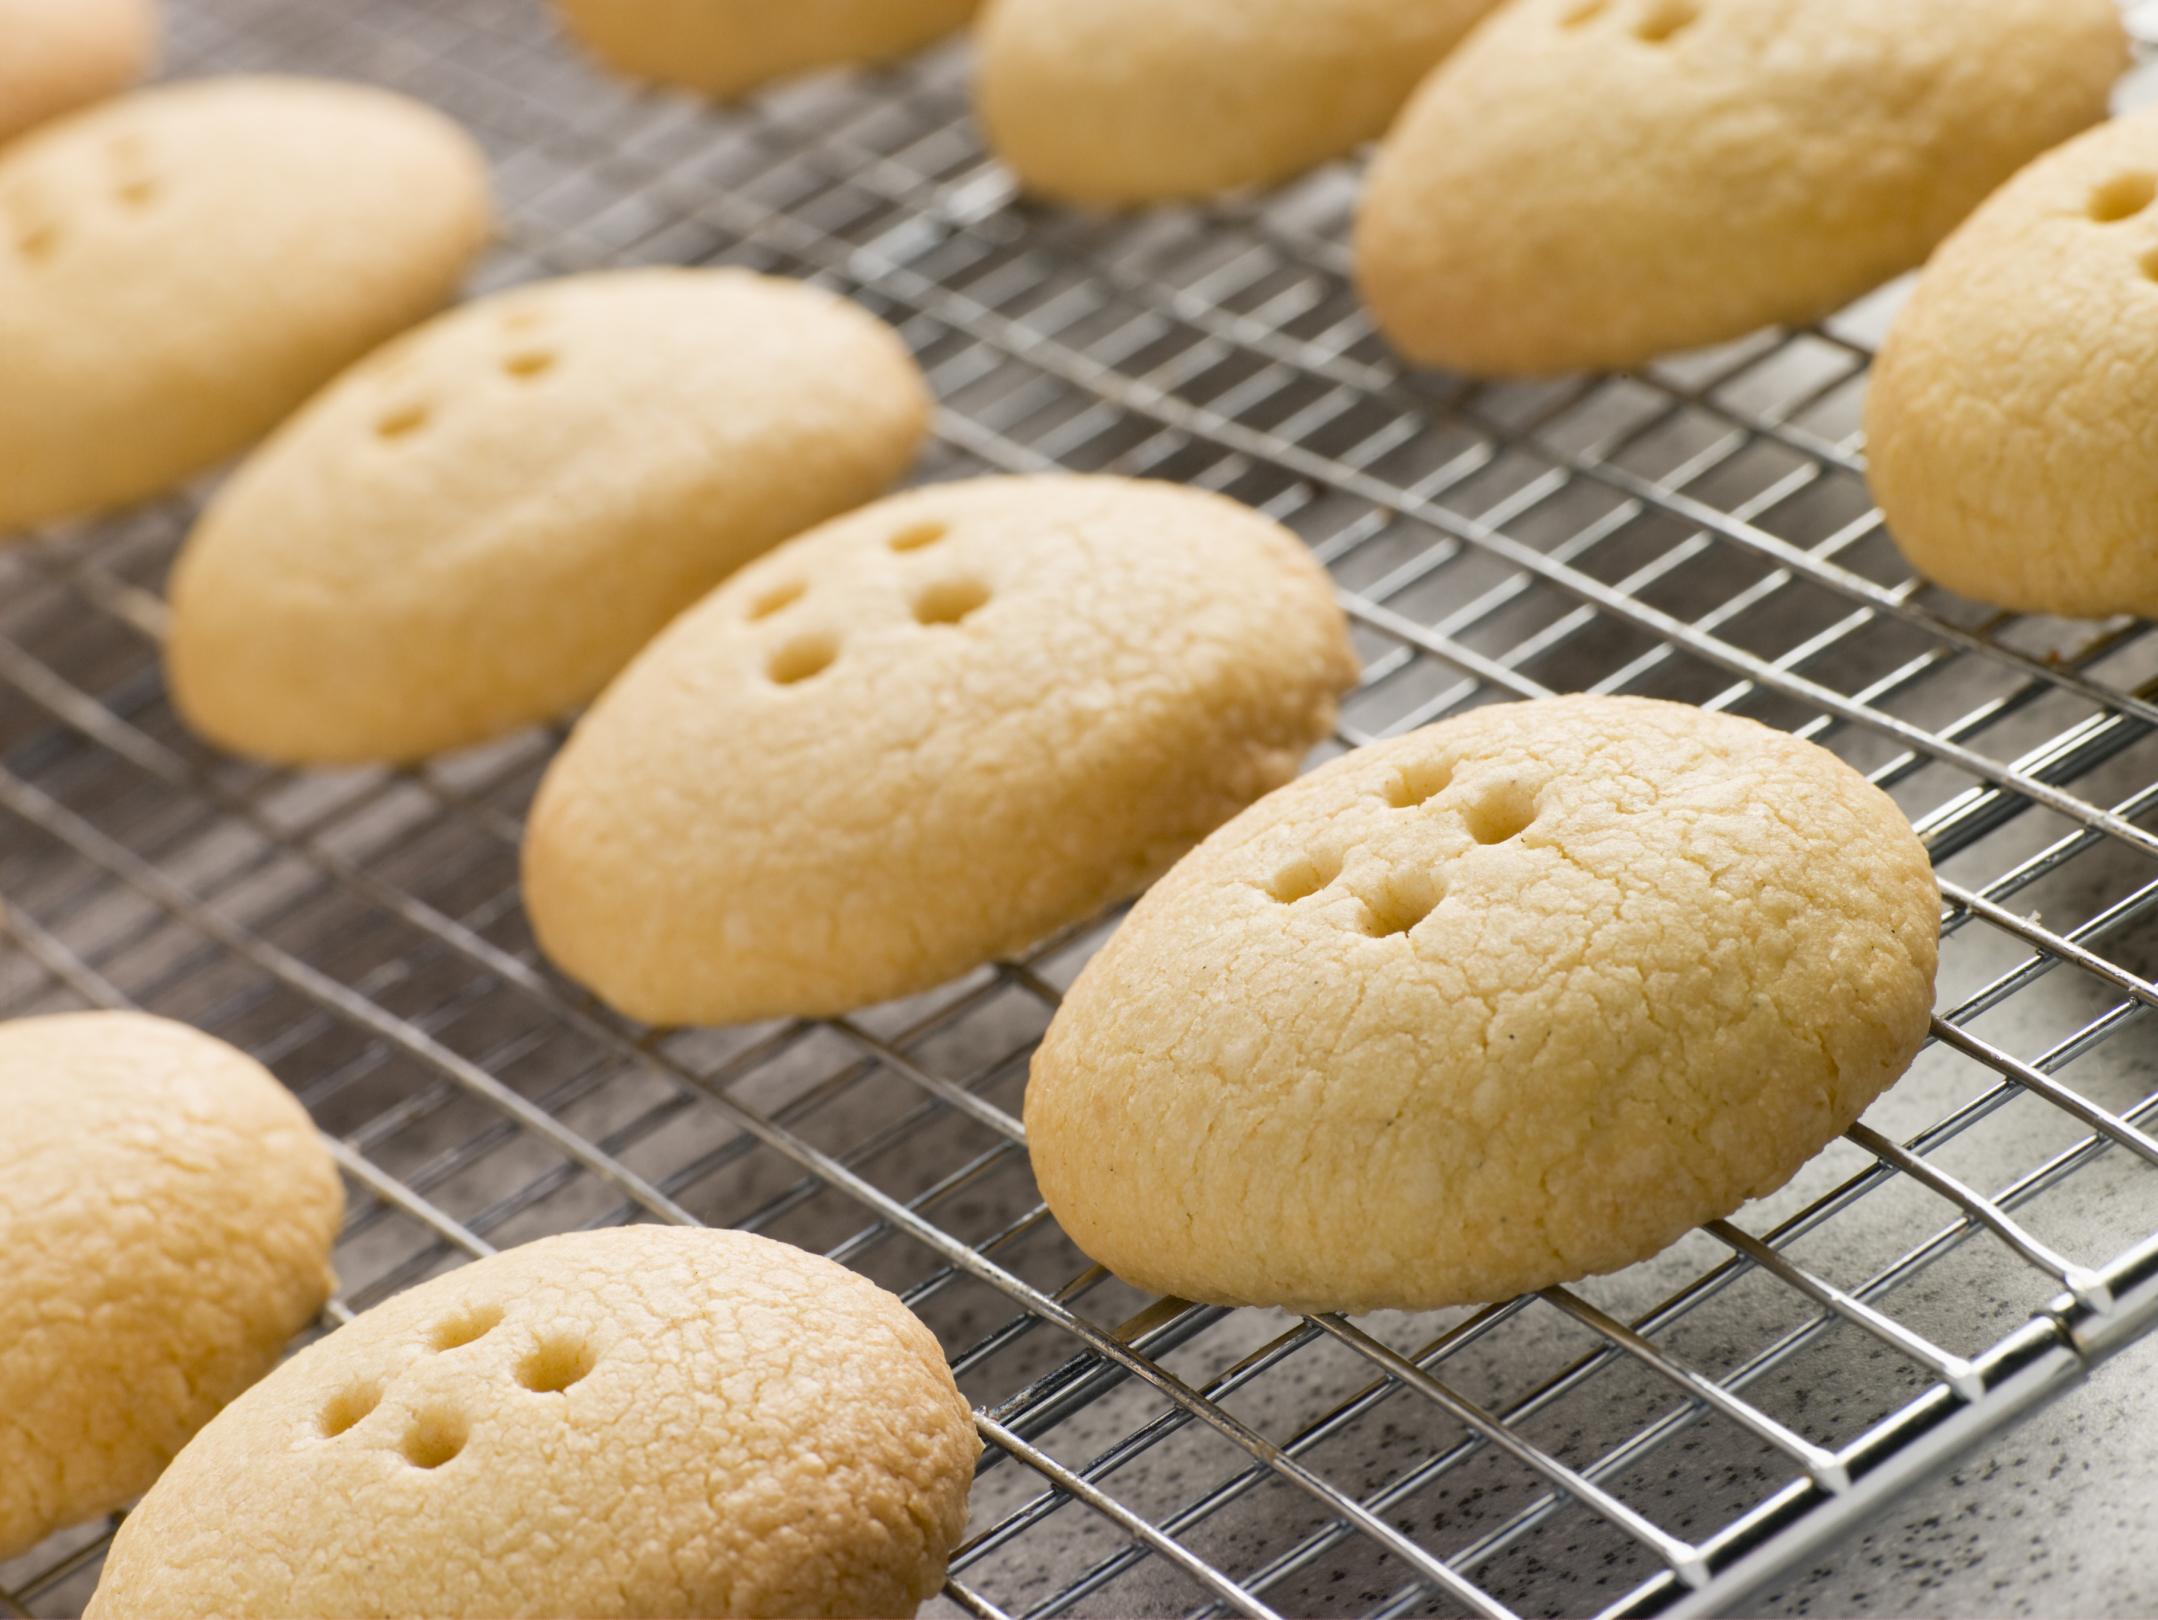 Botones de galleta